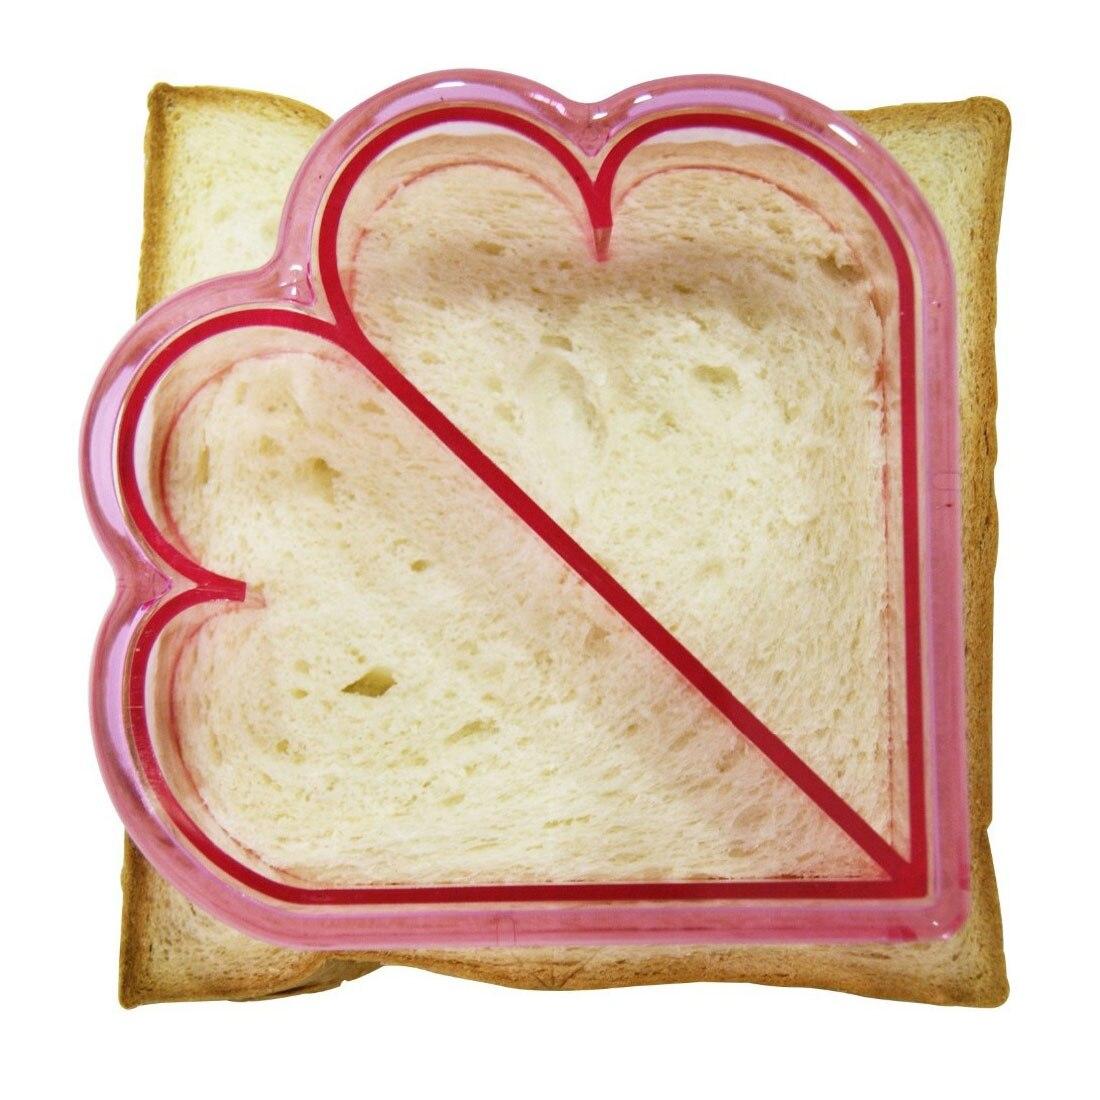 ¡Superventas! molde para sándwiches con forma de oso, perro, Teris, molde para hornear pasteles, molde para pan tostado